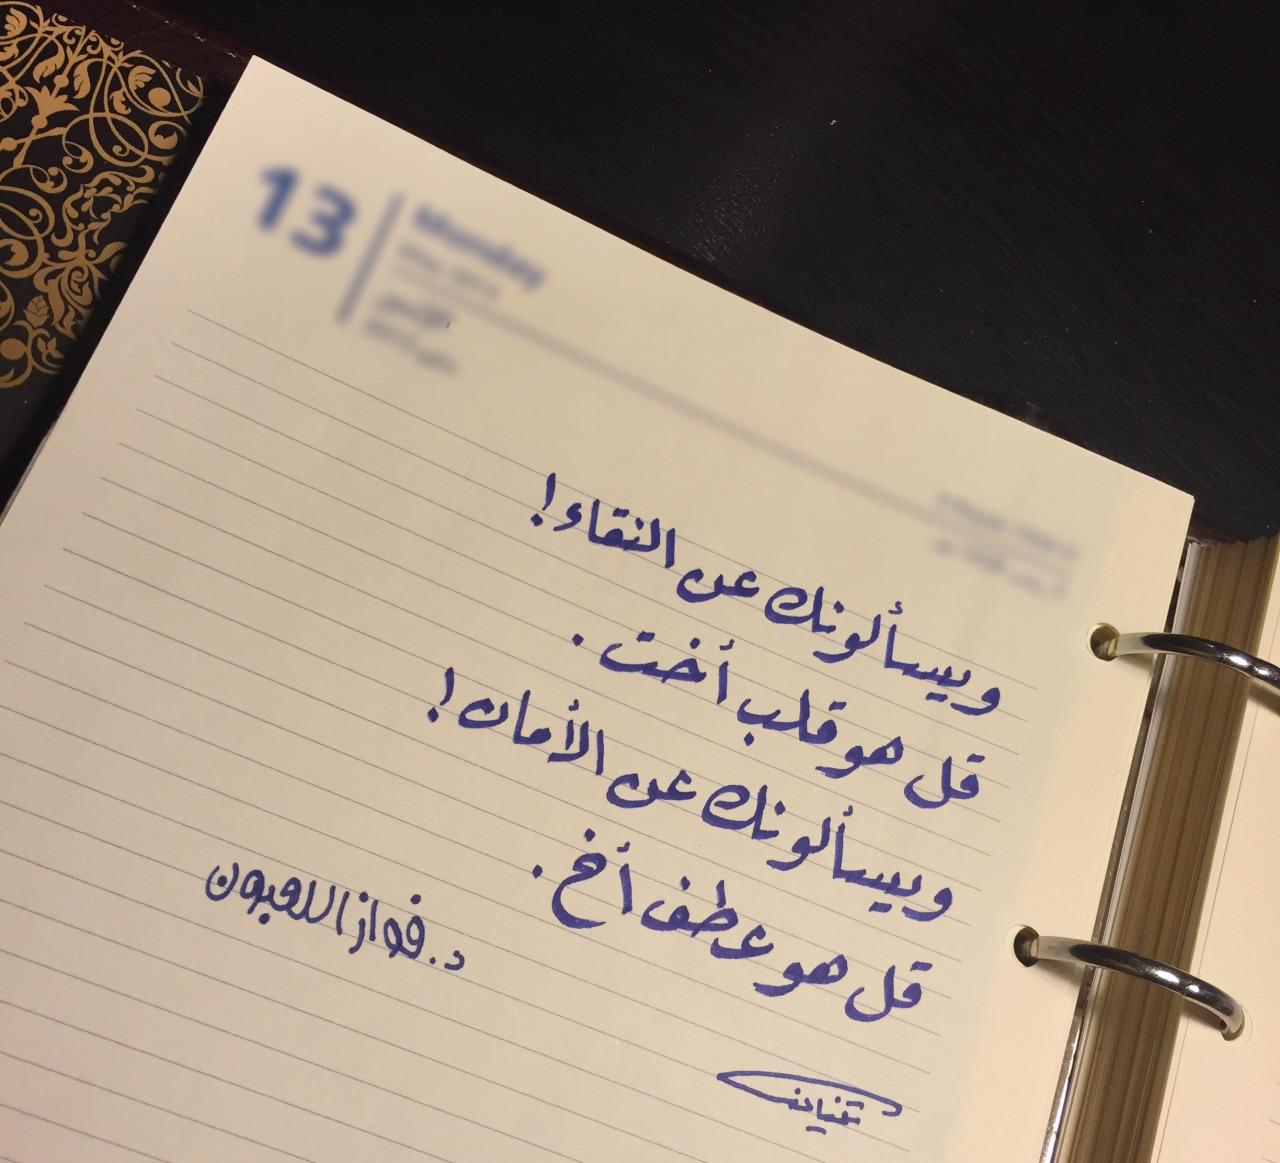 شعر عن ابن الاخت اروع العبارات في حب ابن الاخت رهيبه